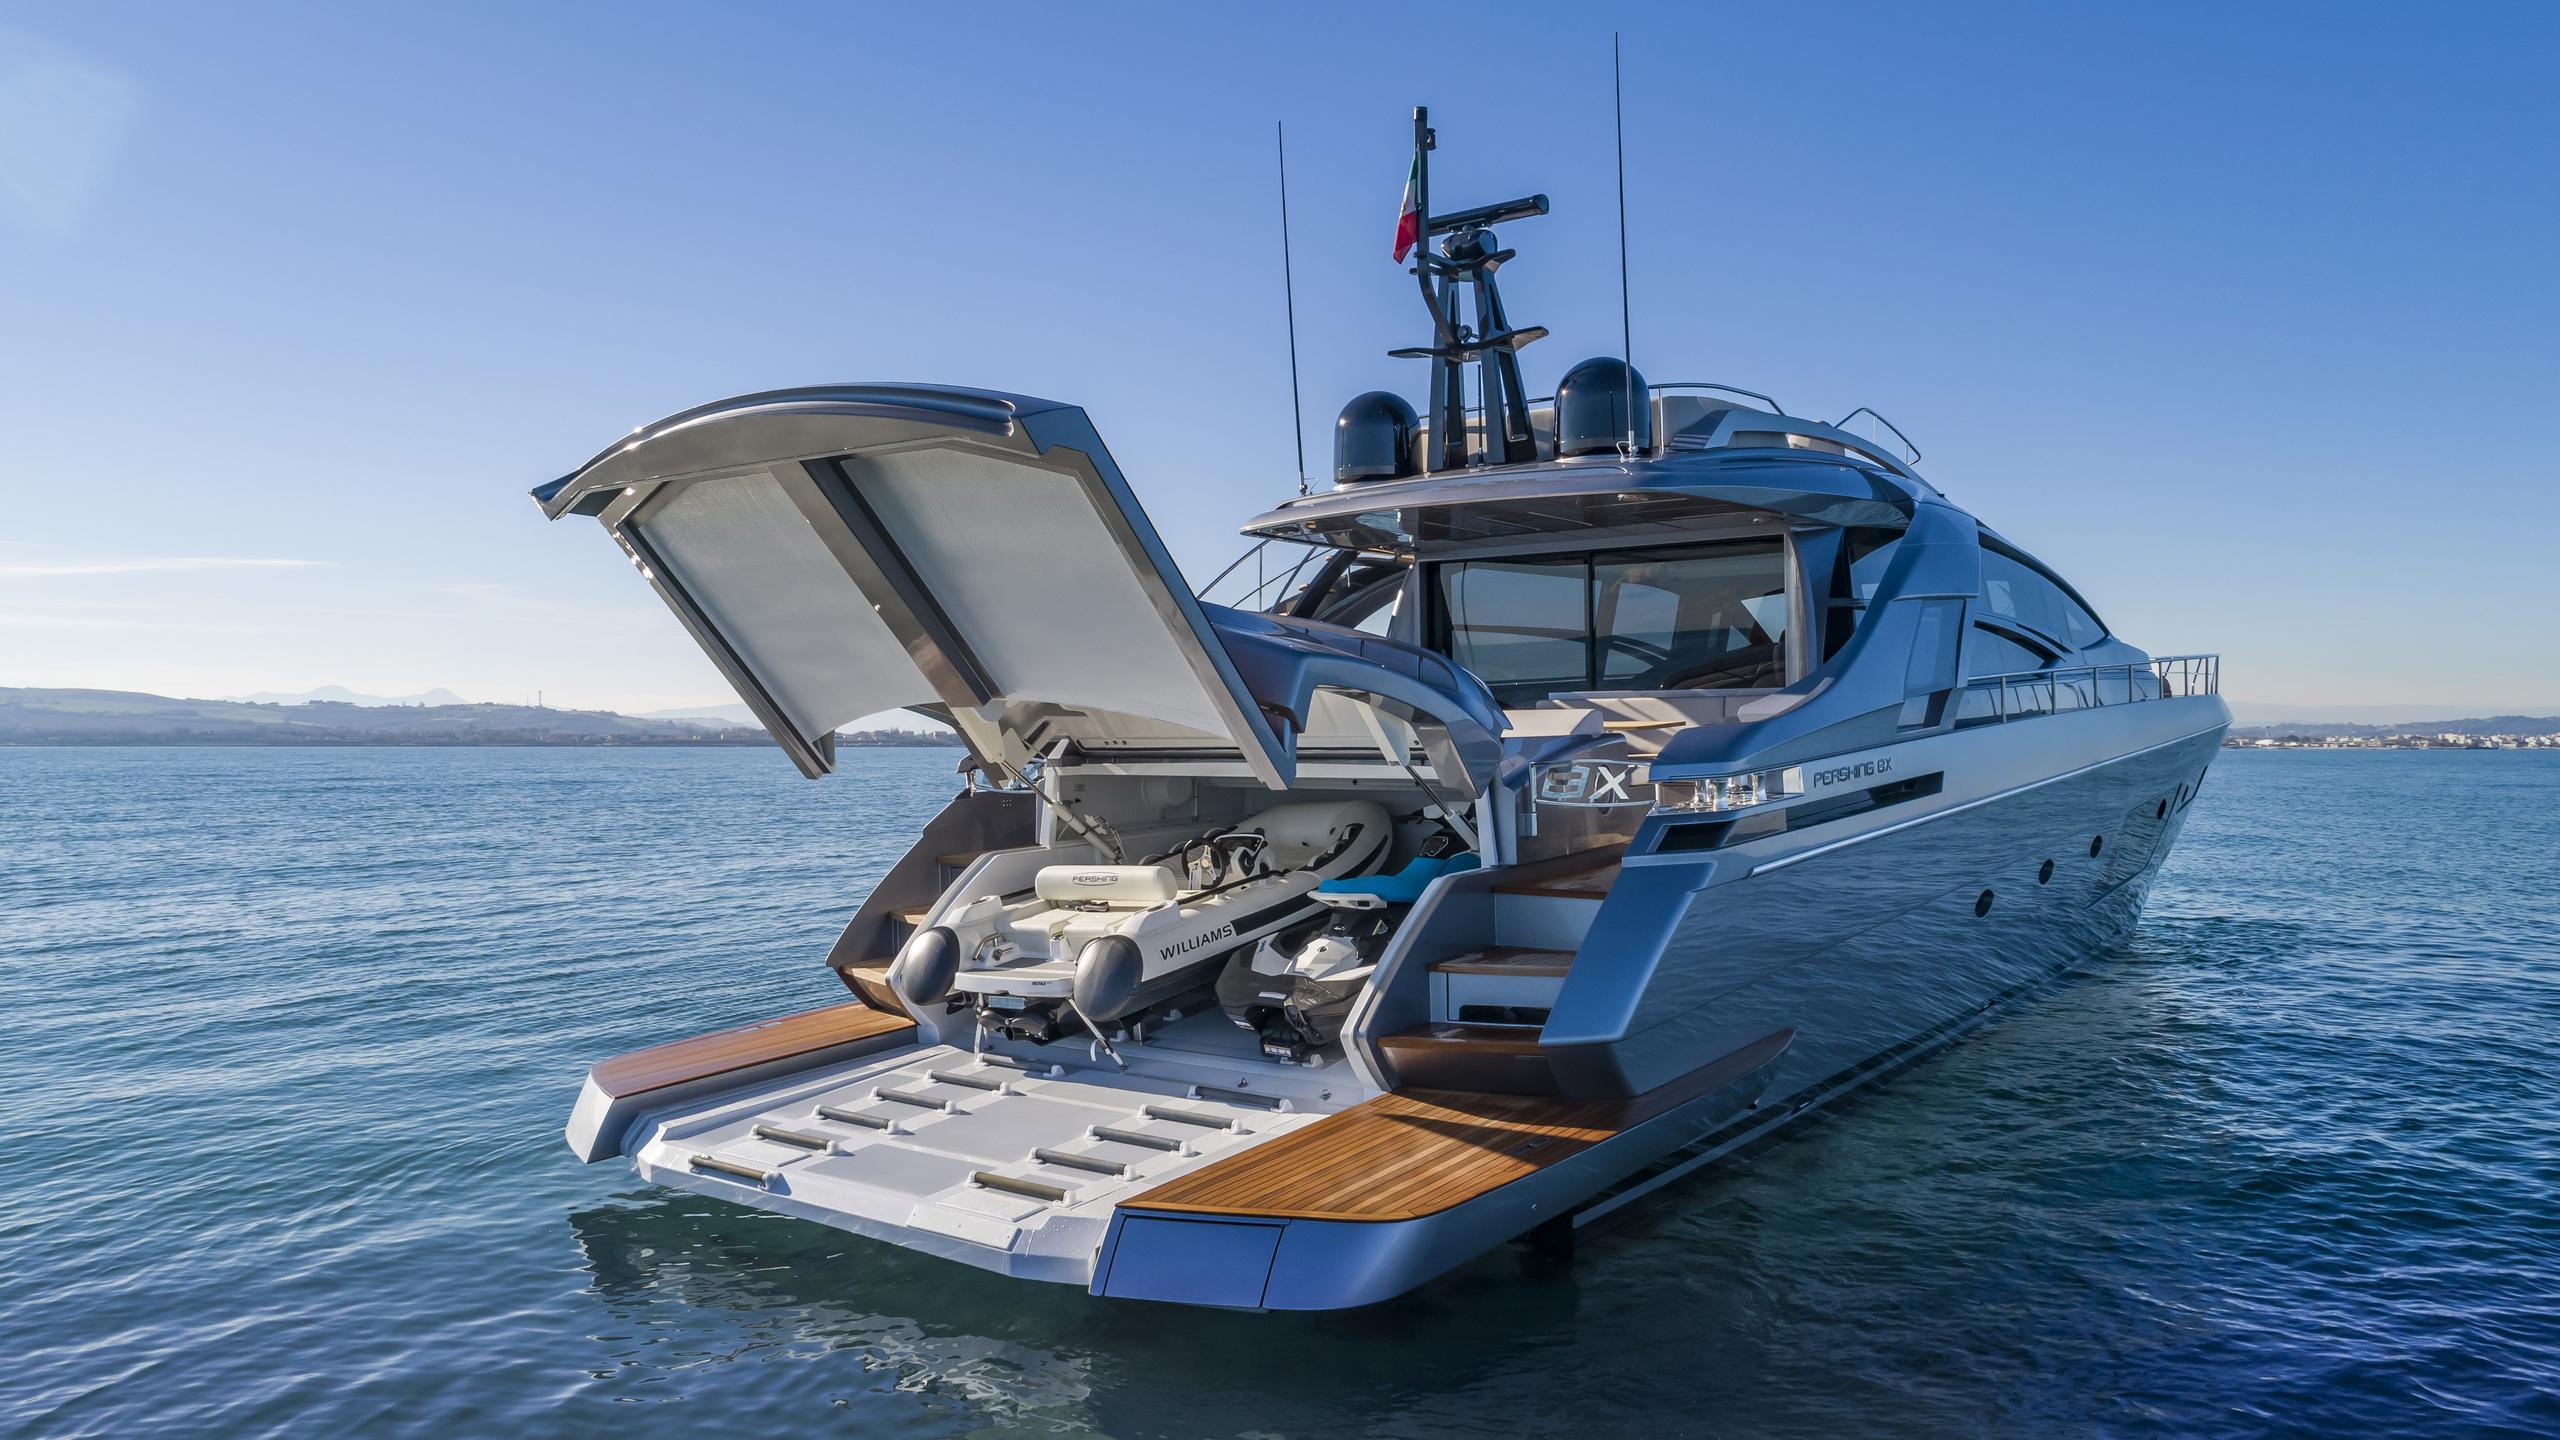 pershing 8x motoryacht pershing 25m 2019 stern